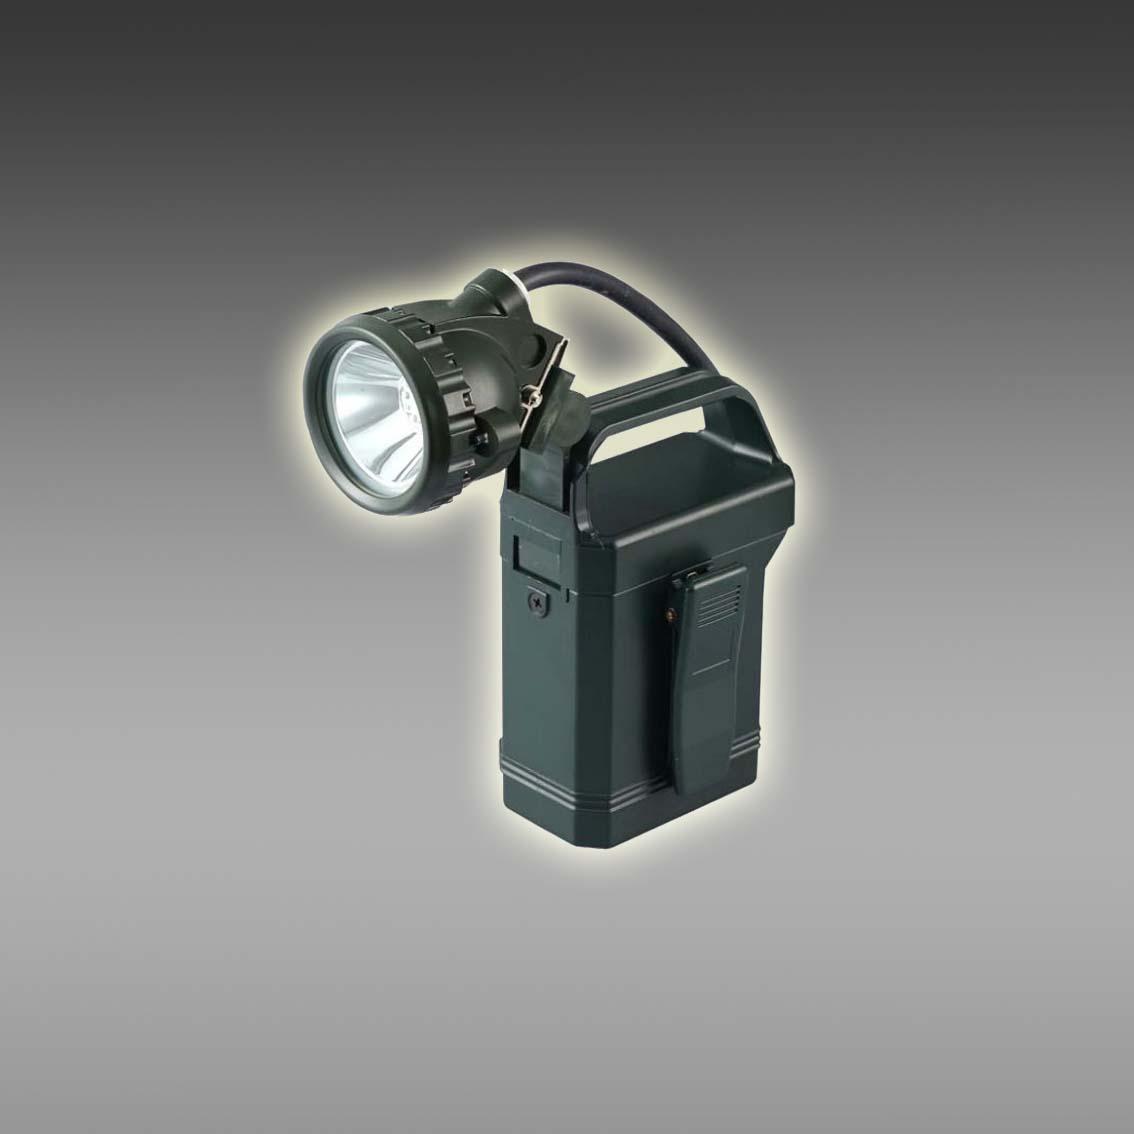 便携式强光防爆工作灯 YBW3600